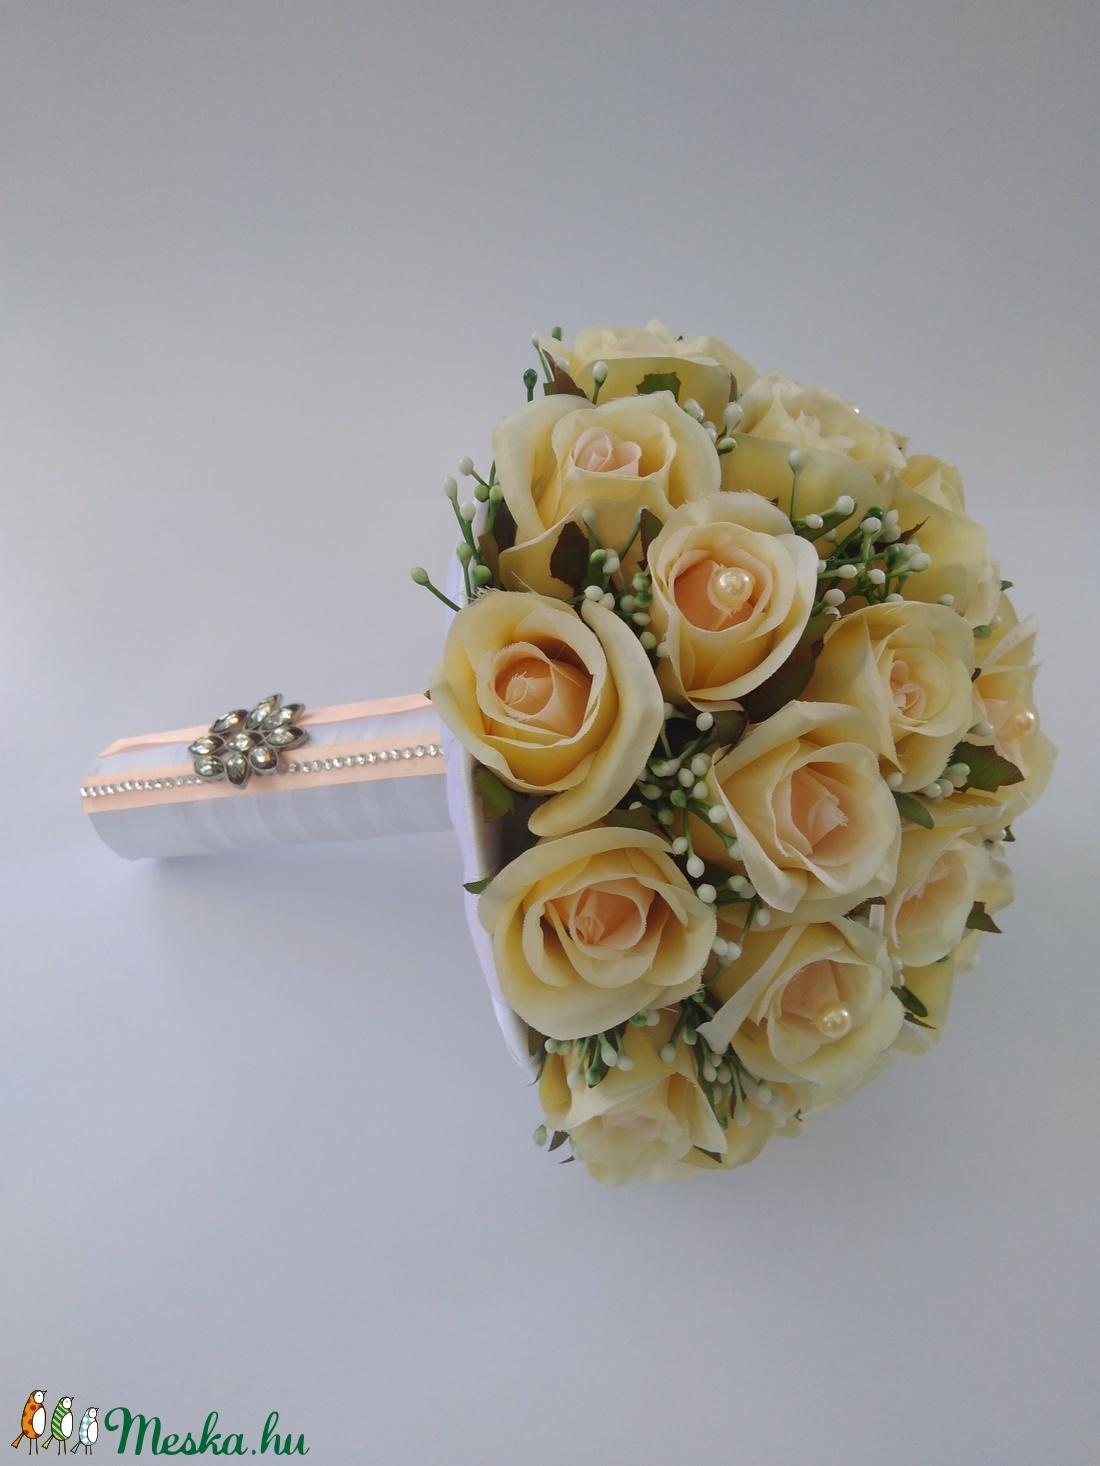 f3dffe3a31 ... Menyasszonyi csokor barack színű rózsából (gervera) - Meska.hu